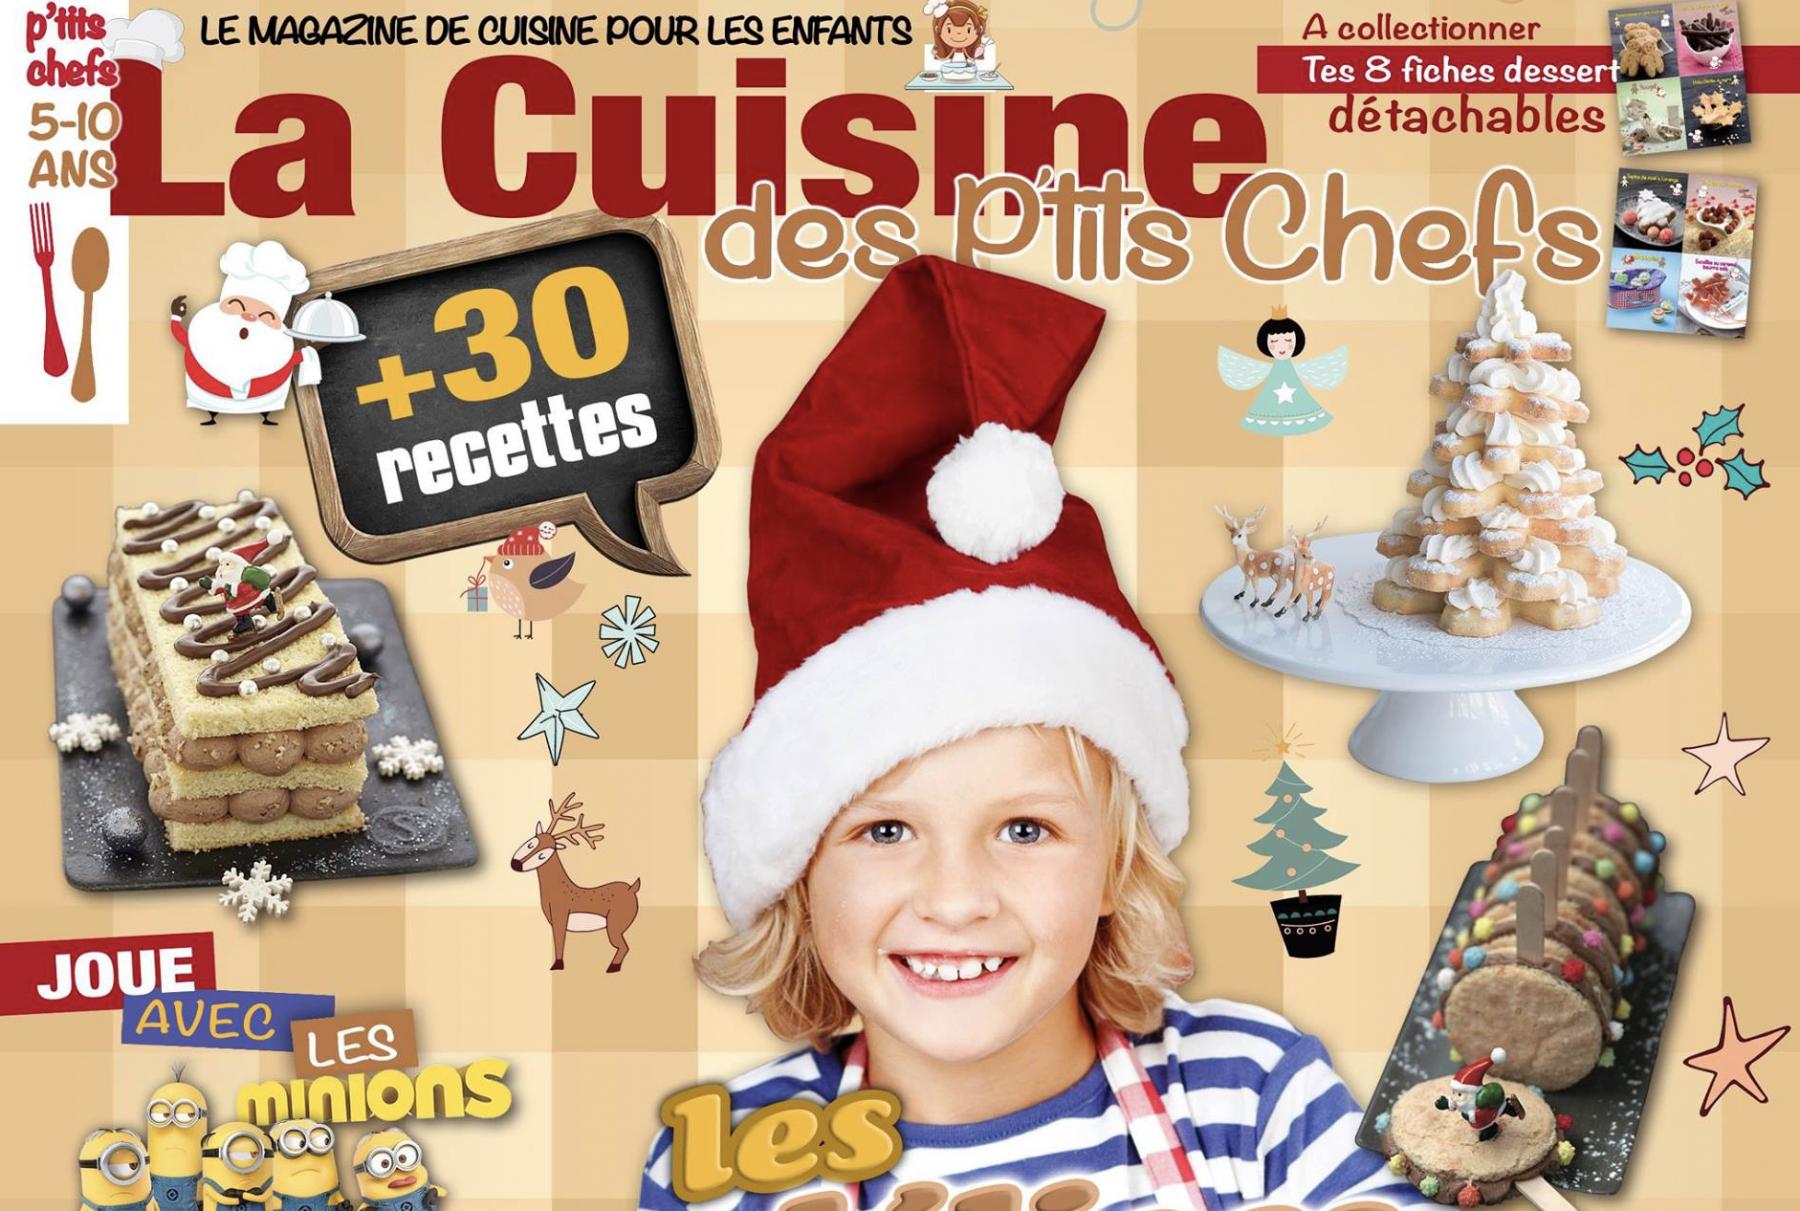 cover lcdpc - La Cuisine des P'tits Chefs - N°2 Spécial Fêtes